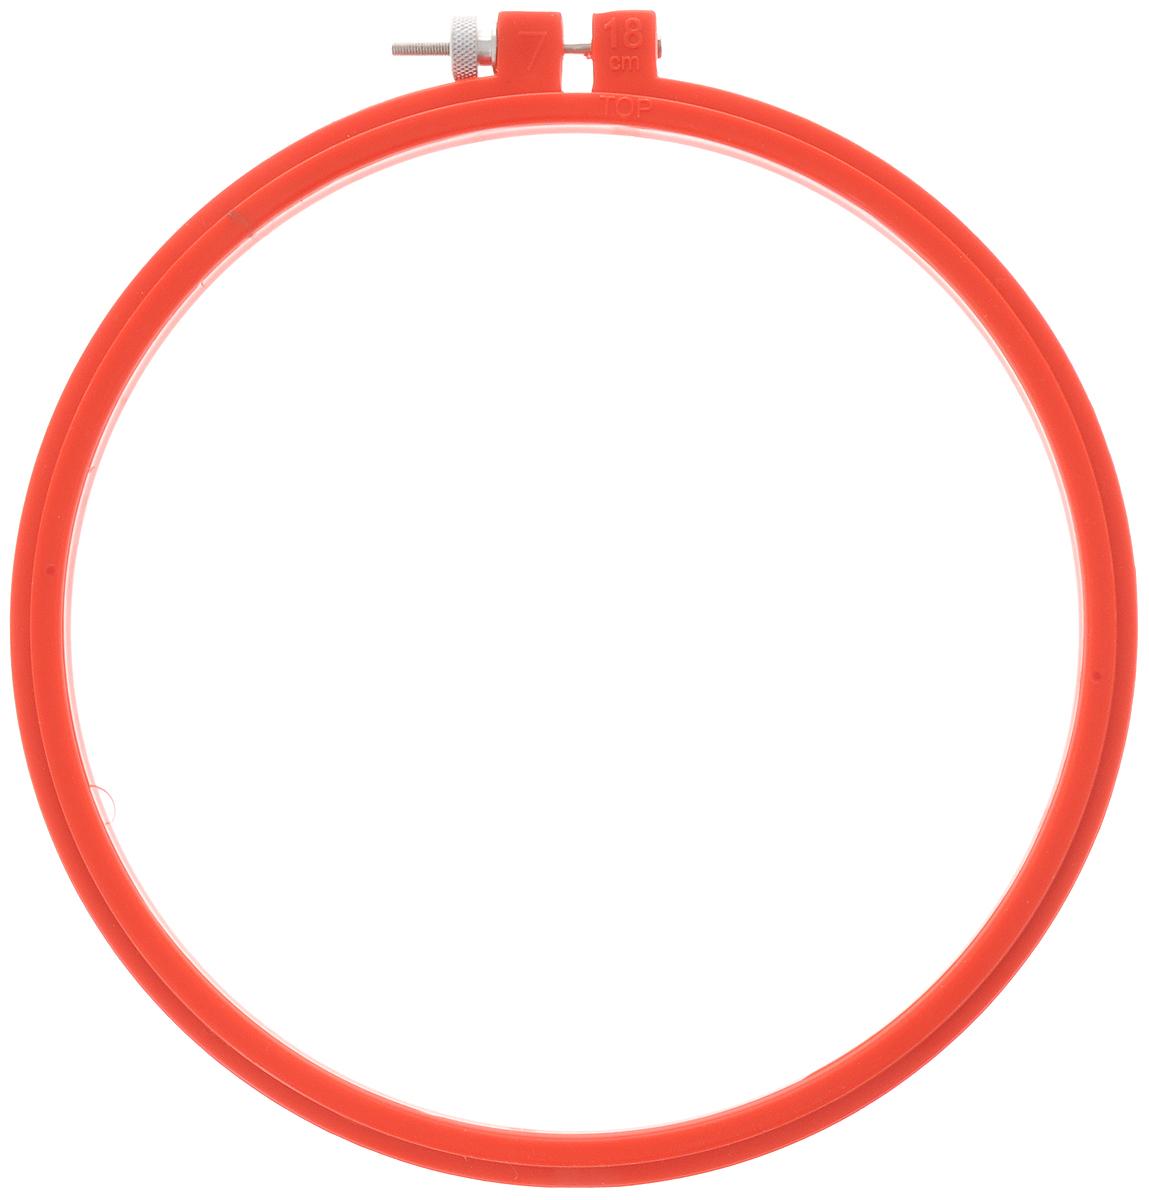 Пяльцы для вышивания Pony, цвет: красный, диаметр 18 см87805_красныйПяльцы для вышивания Pony, изготовленные из прочного пластика, просто незаменимы для вышивки. Их основное назначение - держать материал в натянутом состоянии. Круглые пяльцы обычно используют в том случае, если размер вышивки небольшой. С помощью винта можно регулировать натяжение ткани в зависимости от ее плотности. Работа, сделанная своими руками, создаст особый уют и атмосферу в доме и долгие годы будет радовать вас и ваших близких. А подарок, выполненный собственноручно, станет самым ценным для друзей и знакомых.